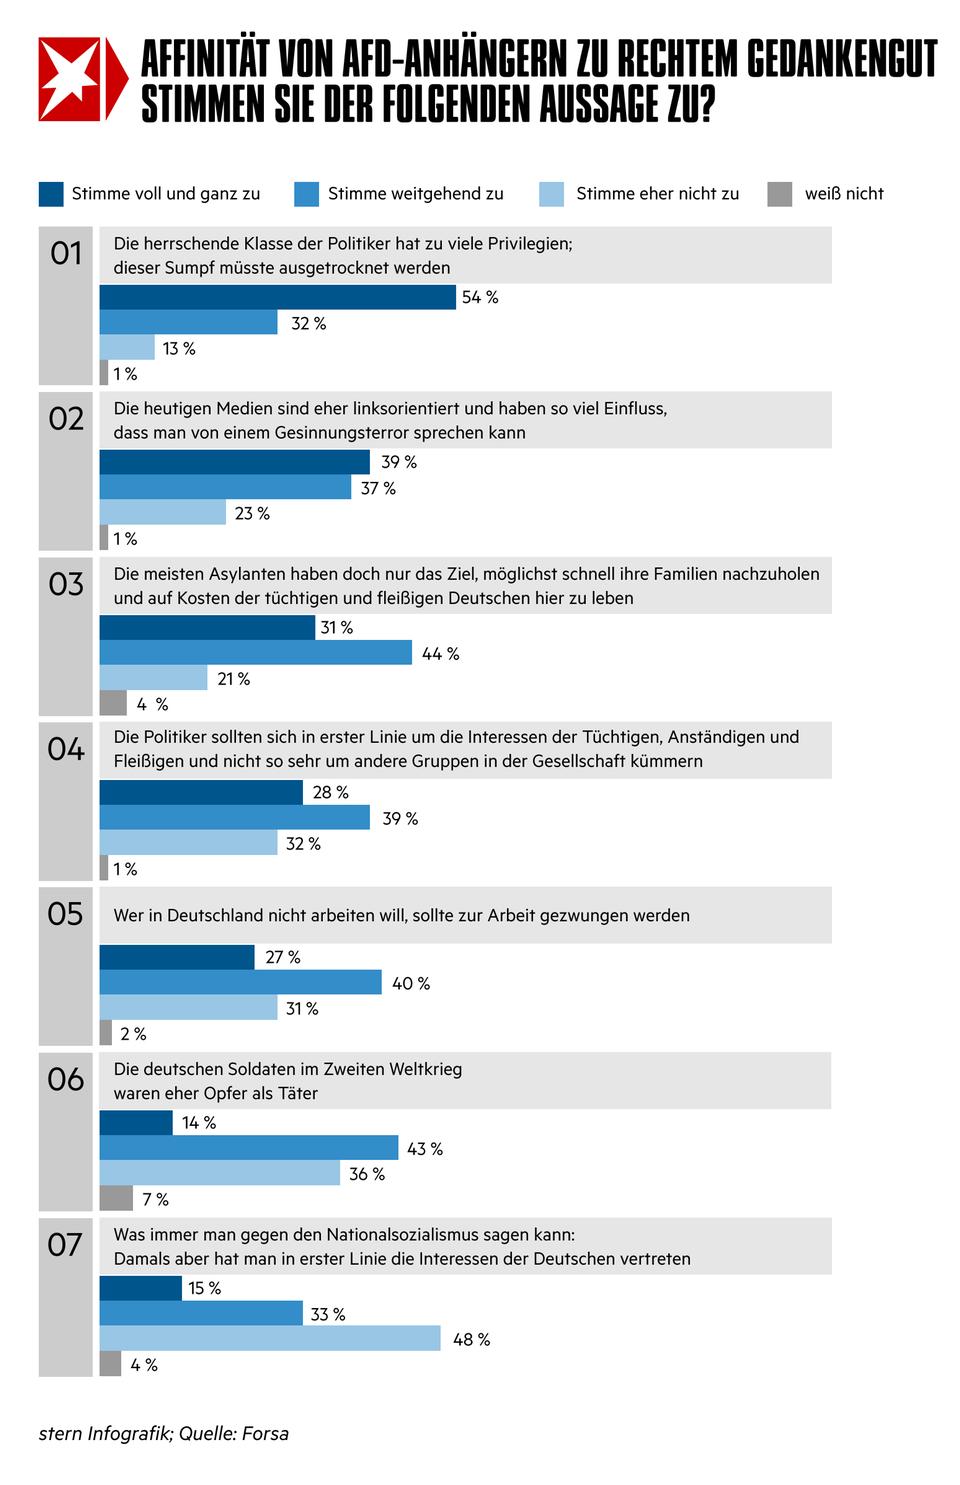 Große Umfrage zur AfD: Wer will Lucke, wer Petry?